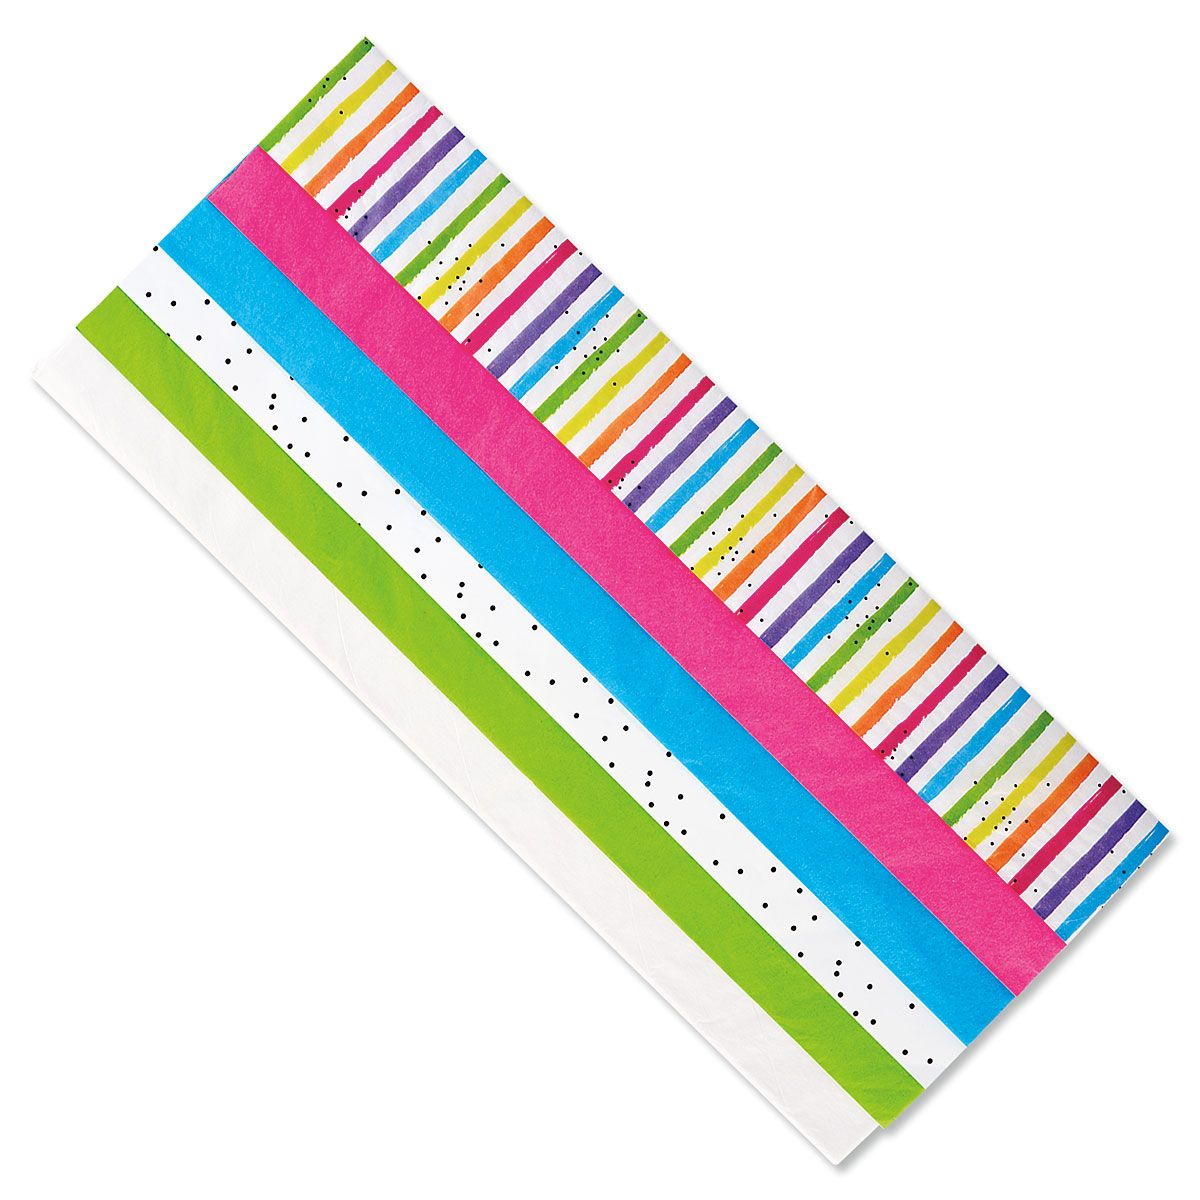 Stripes Tissue Pack - BOGO